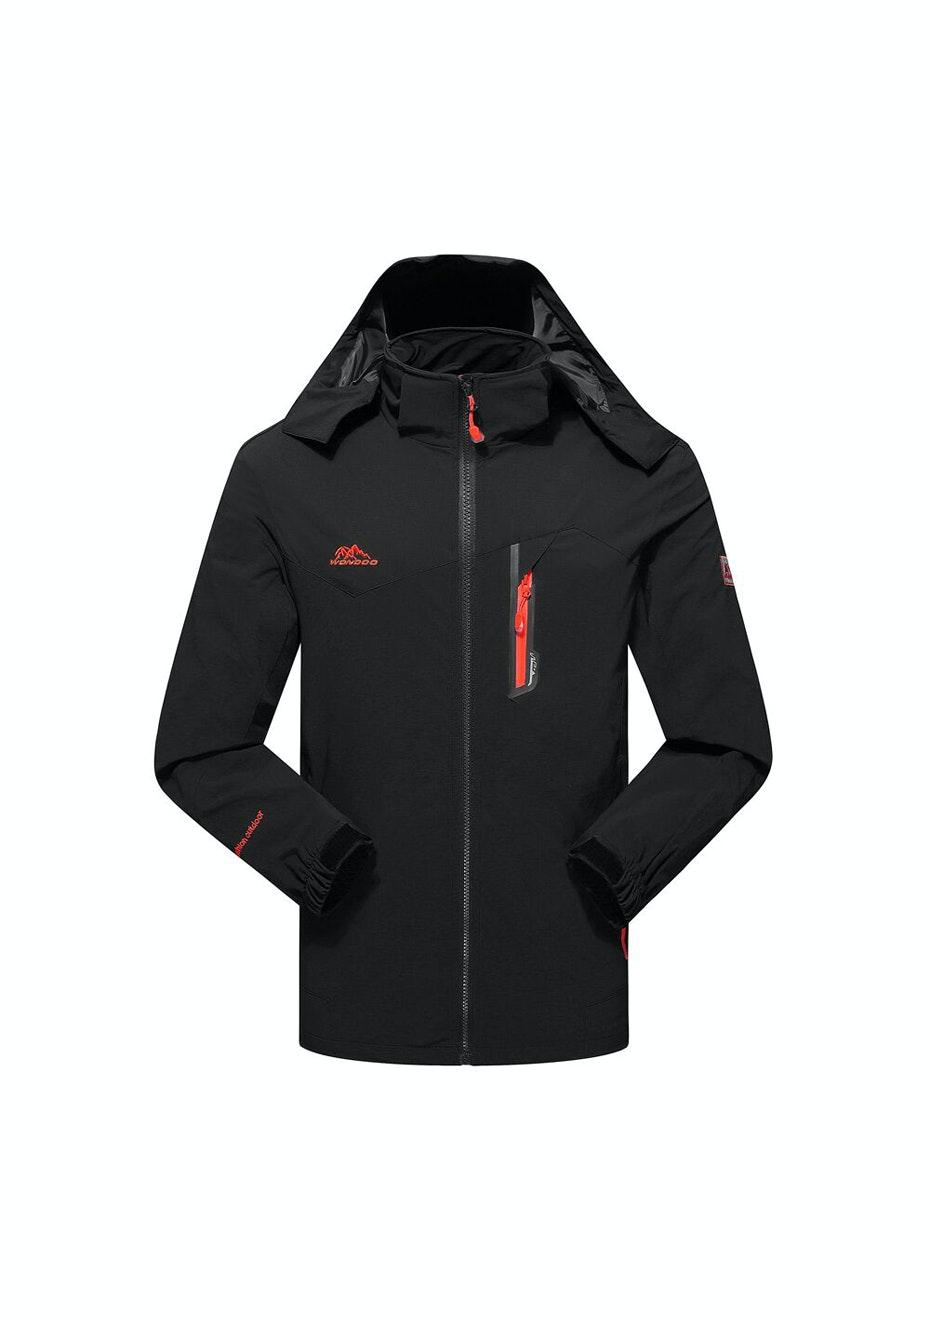 Women 2-in-1 WaterProof Jackets - Black